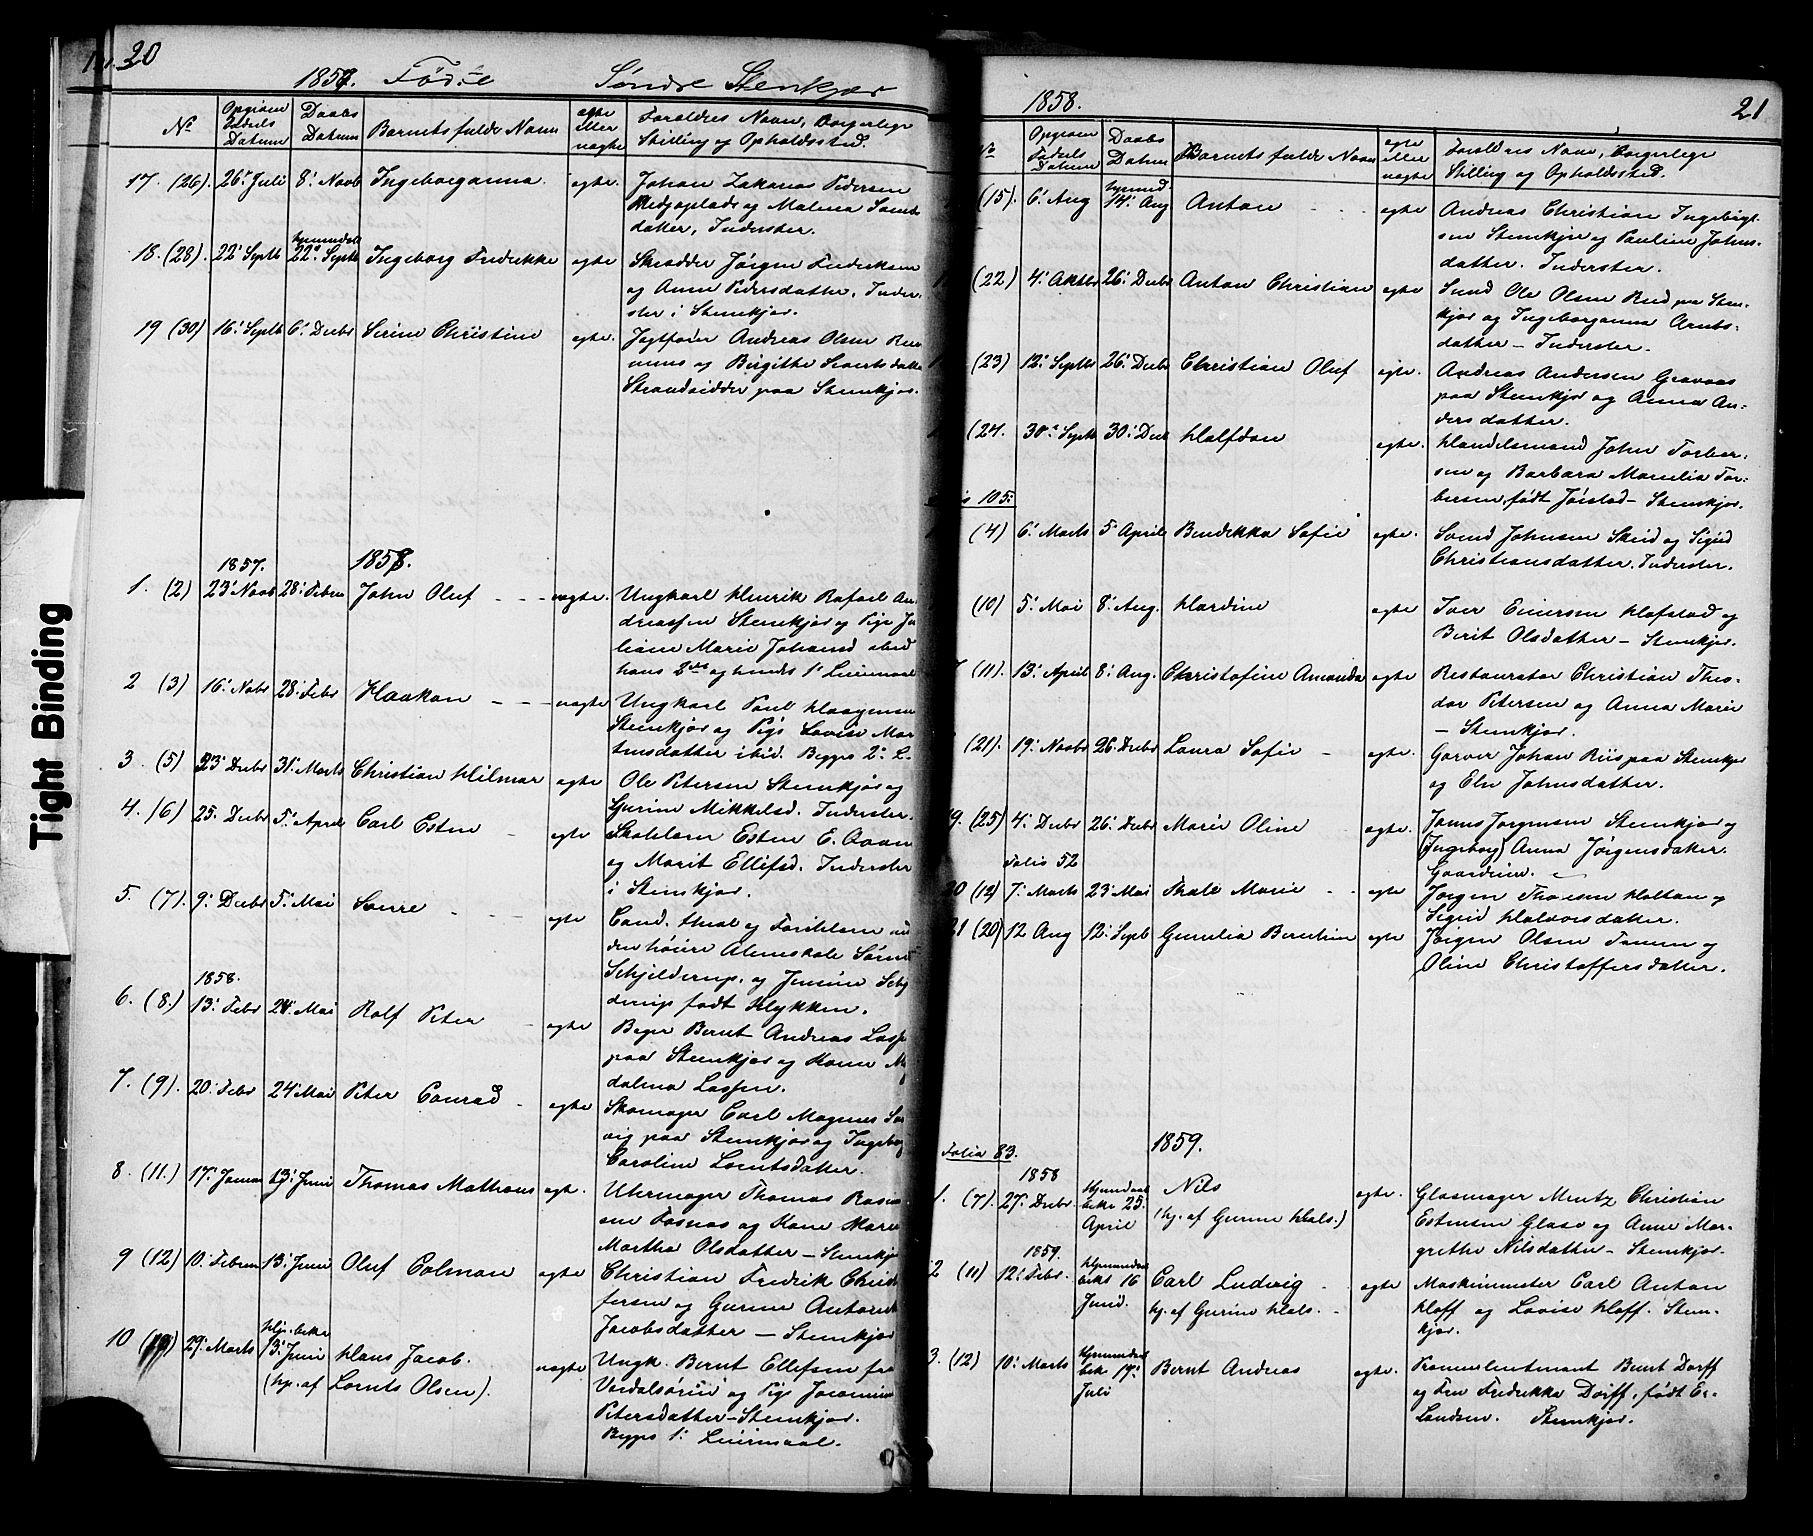 SAT, Ministerialprotokoller, klokkerbøker og fødselsregistre - Nord-Trøndelag, 739/L0367: Ministerialbok nr. 739A01 /1, 1838-1868, s. 20-21